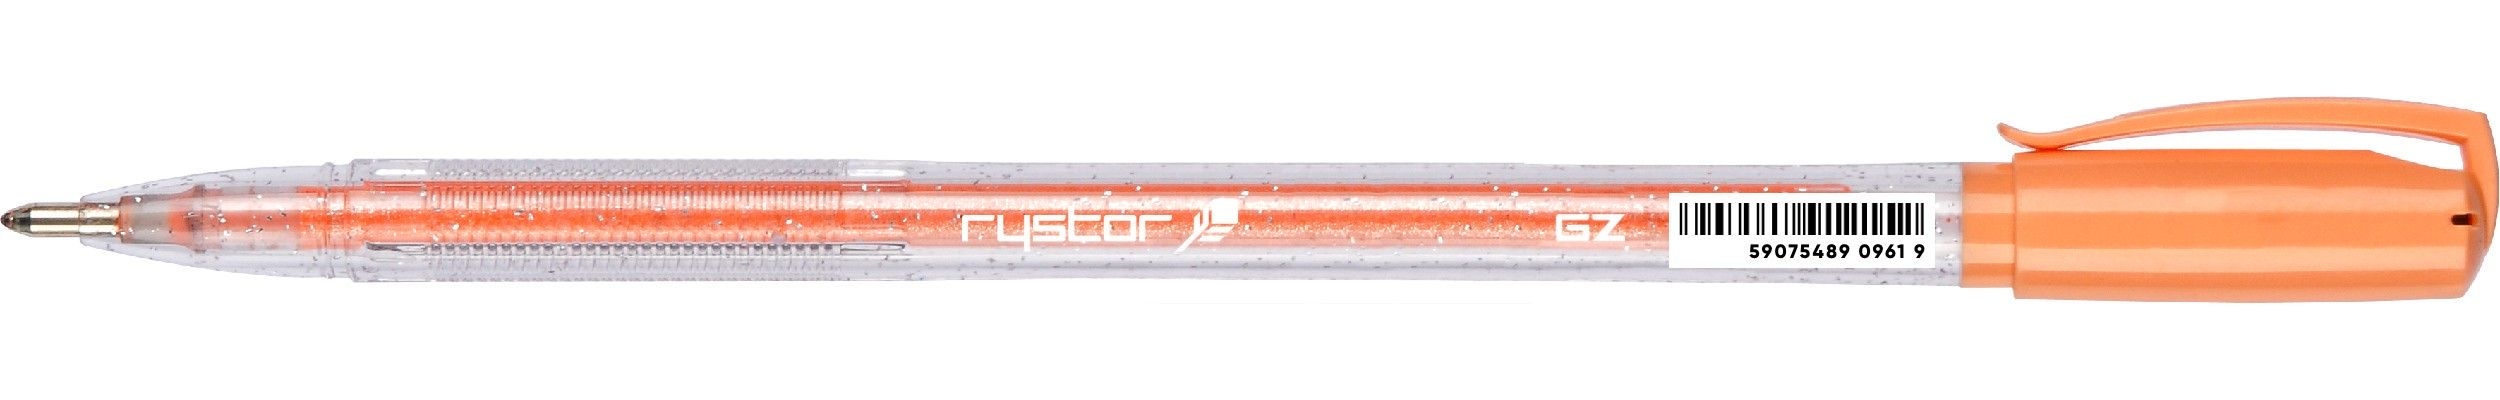 GZ Gel Pen